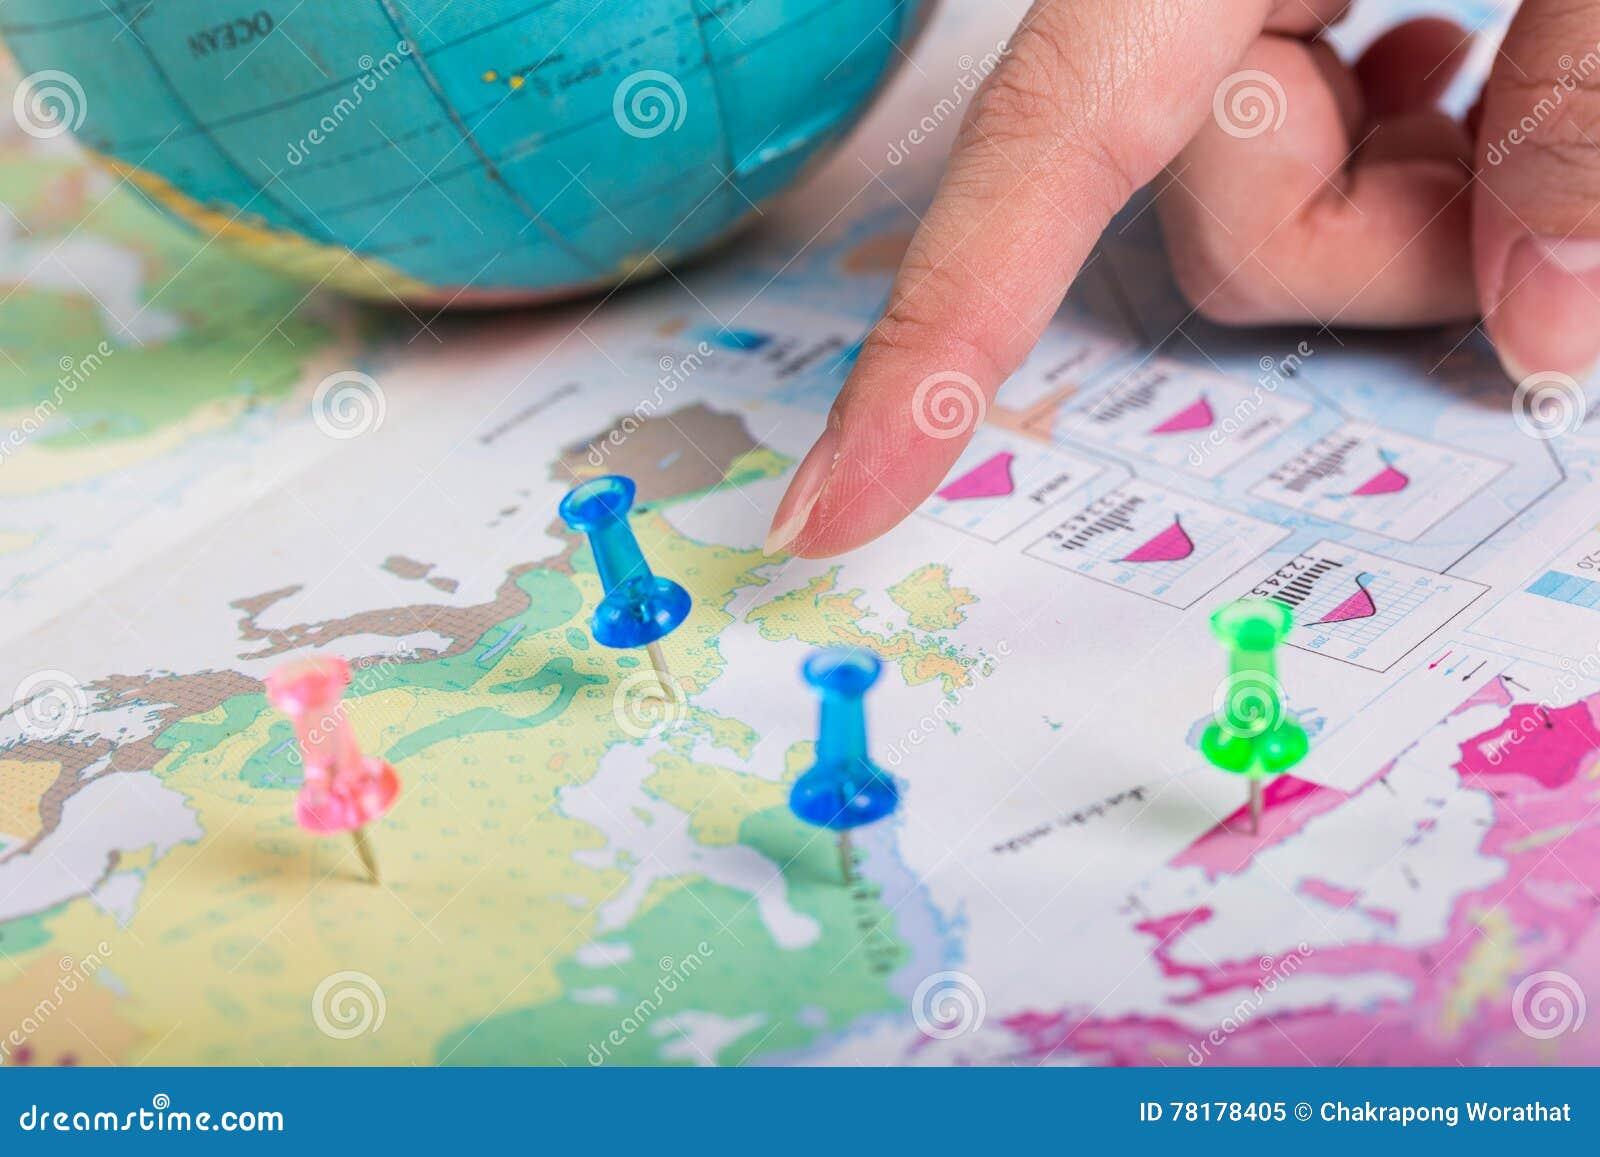 Дорожная карта, голубой pushpin положение назначения на карте